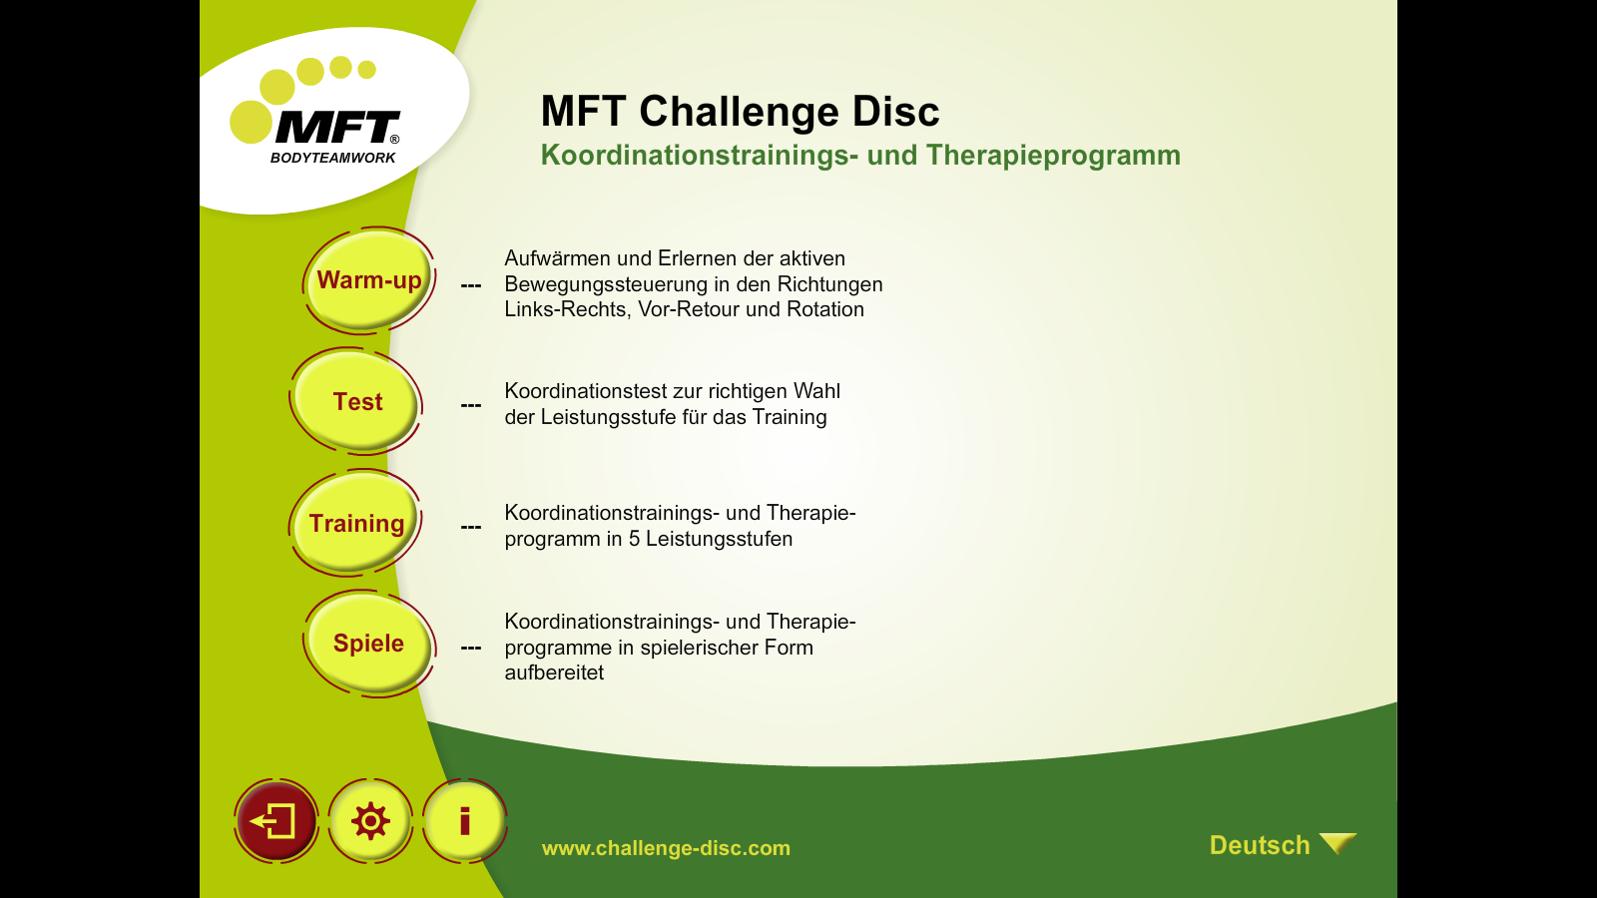 MFT Challenge Disc App - Hauptmenü Koordinationstraining, Balance-Test und Spiele